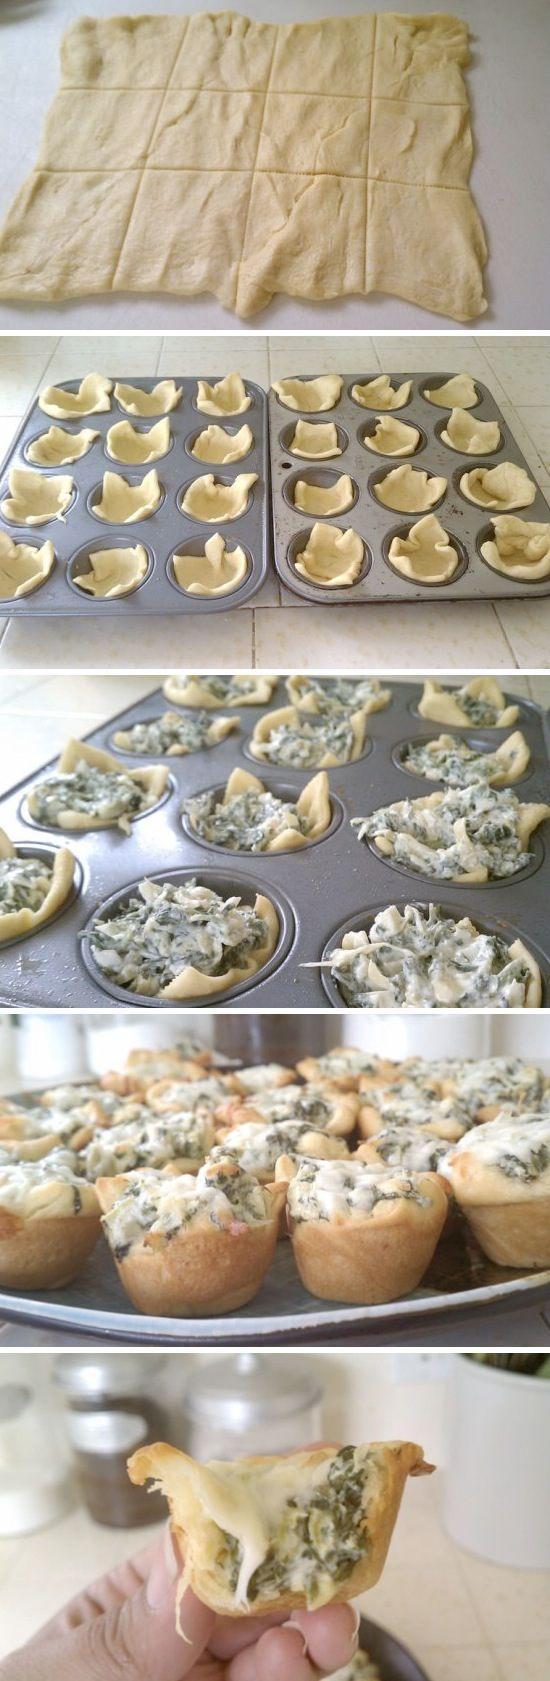 Spinach-Artichoke-Bites-Recipe-By-Photo